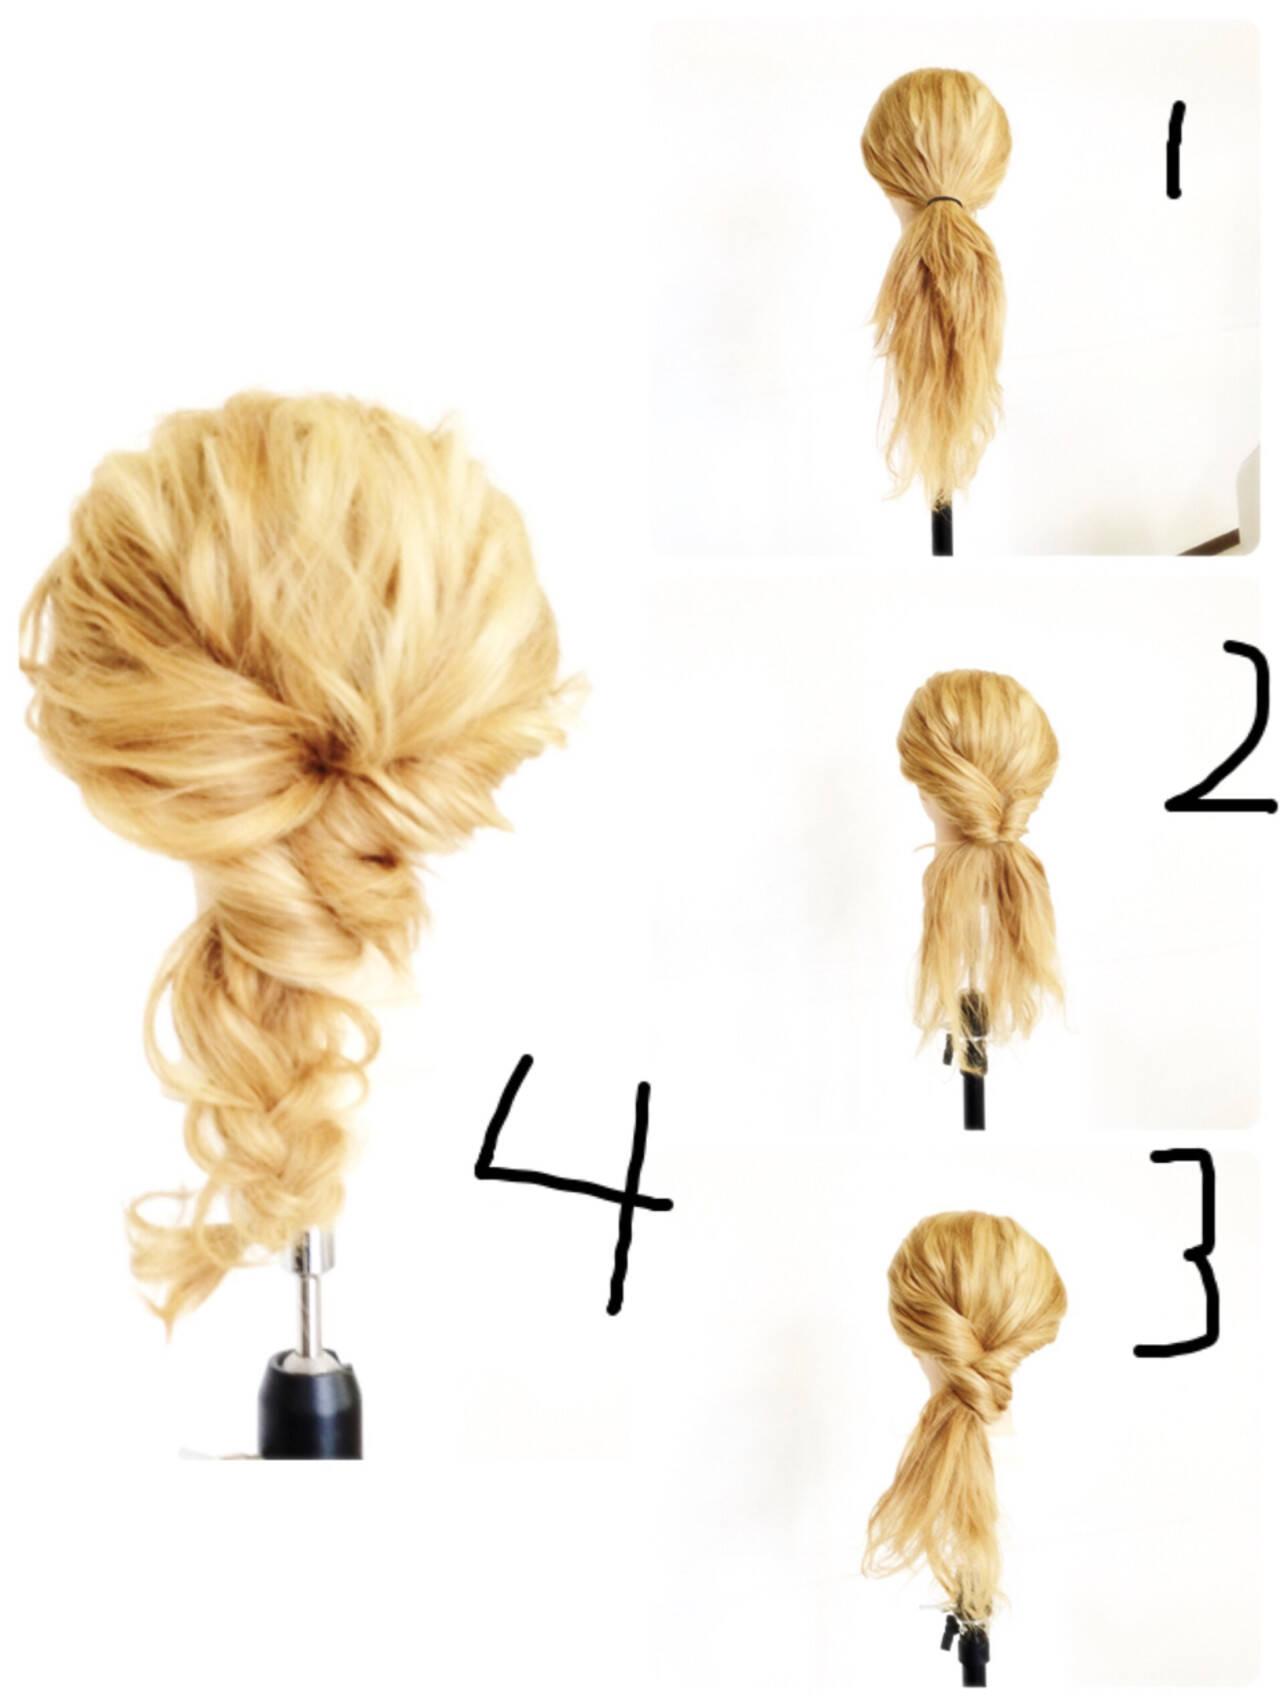 セミロング 外国人風 簡単ヘアアレンジ ヘアアレンジヘアスタイルや髪型の写真・画像